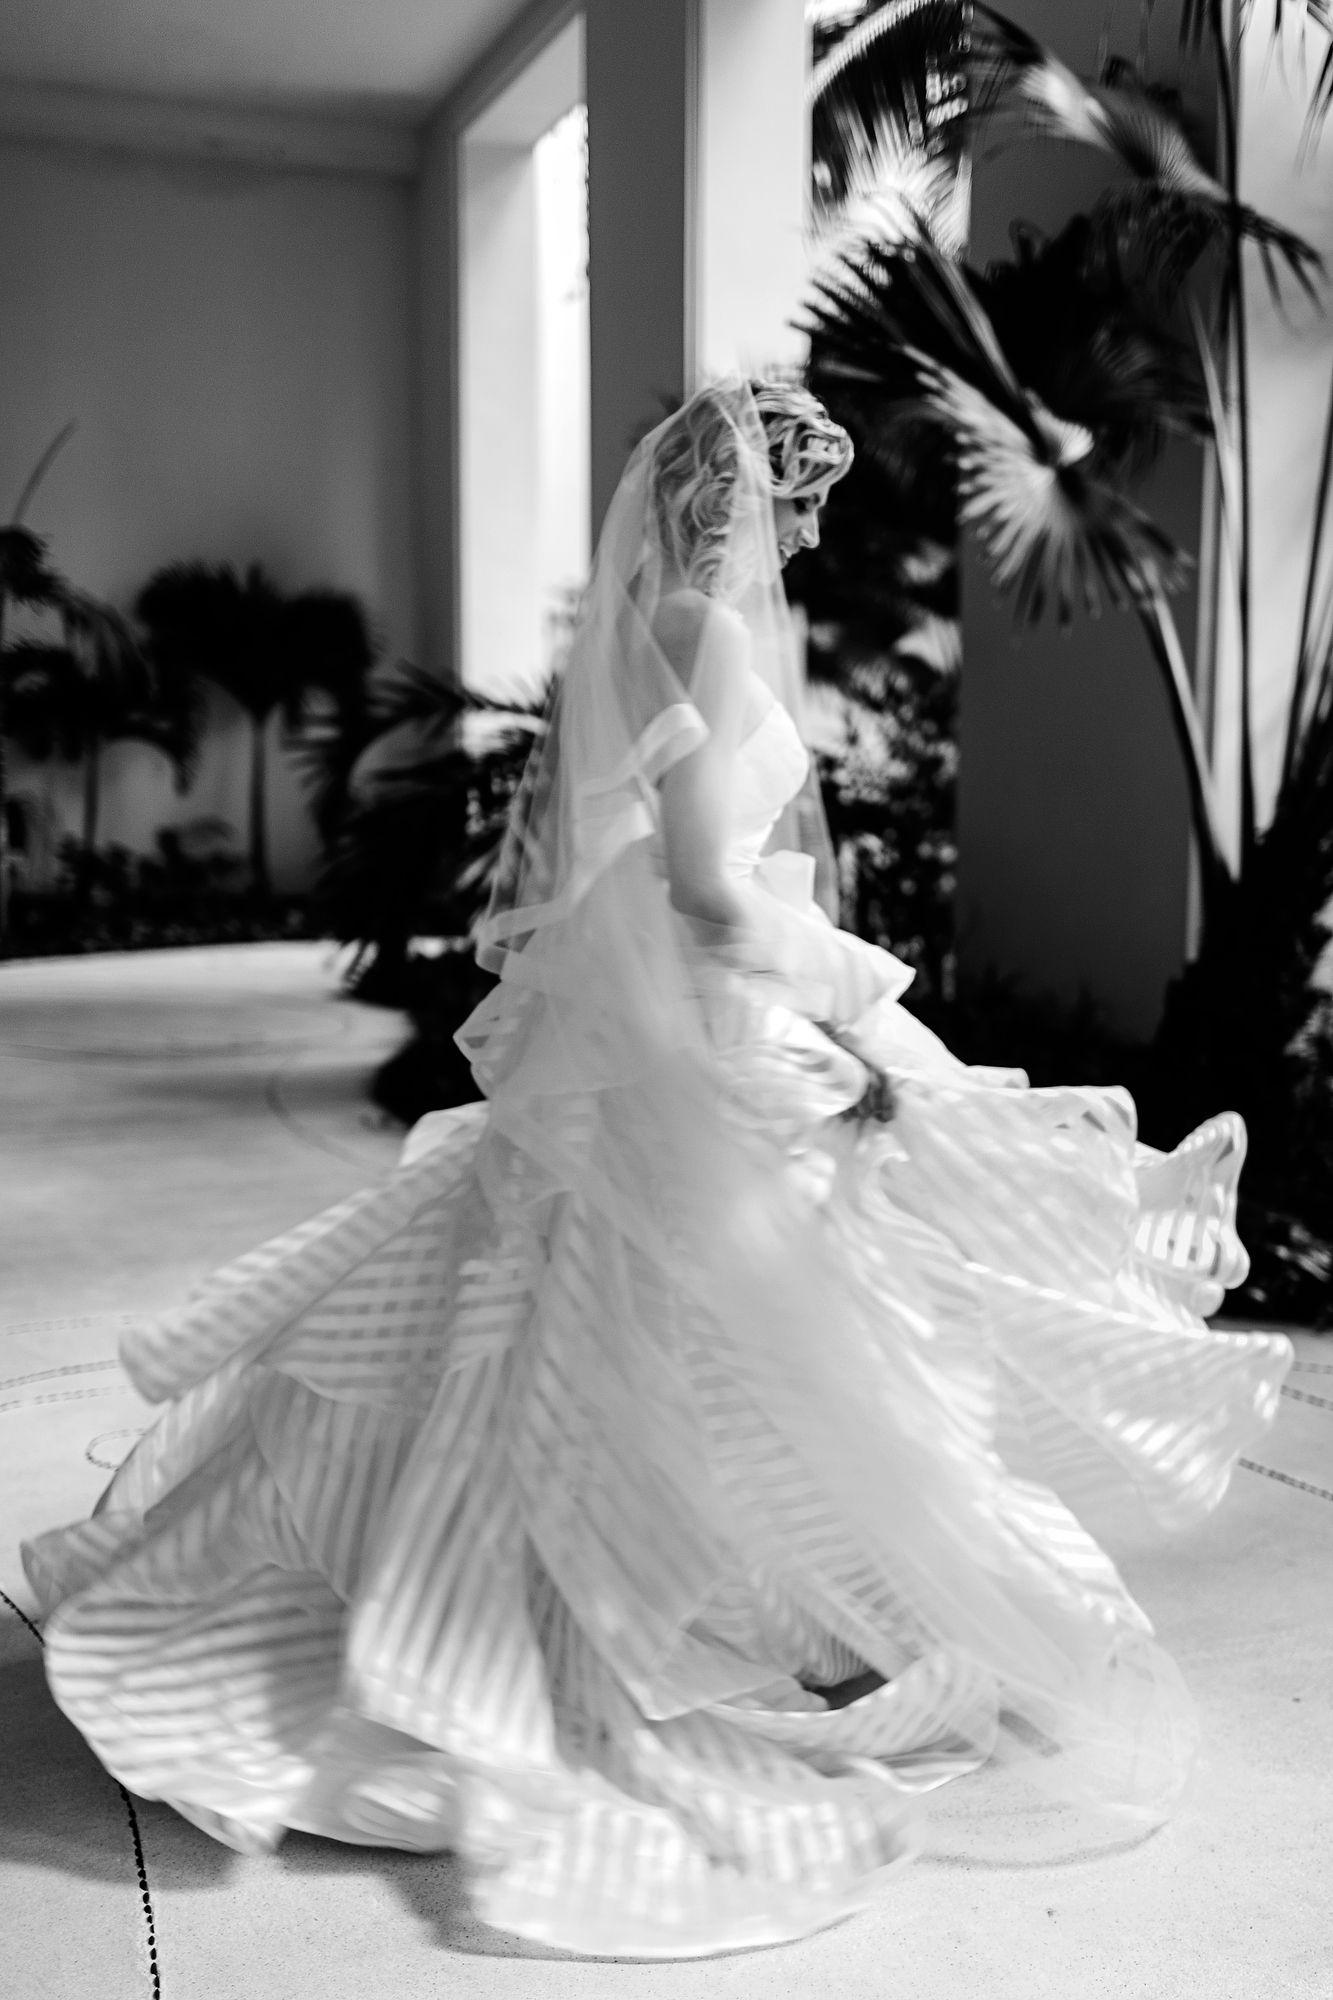 Hayley paige guindon striped organza wedding dress wedding dress n